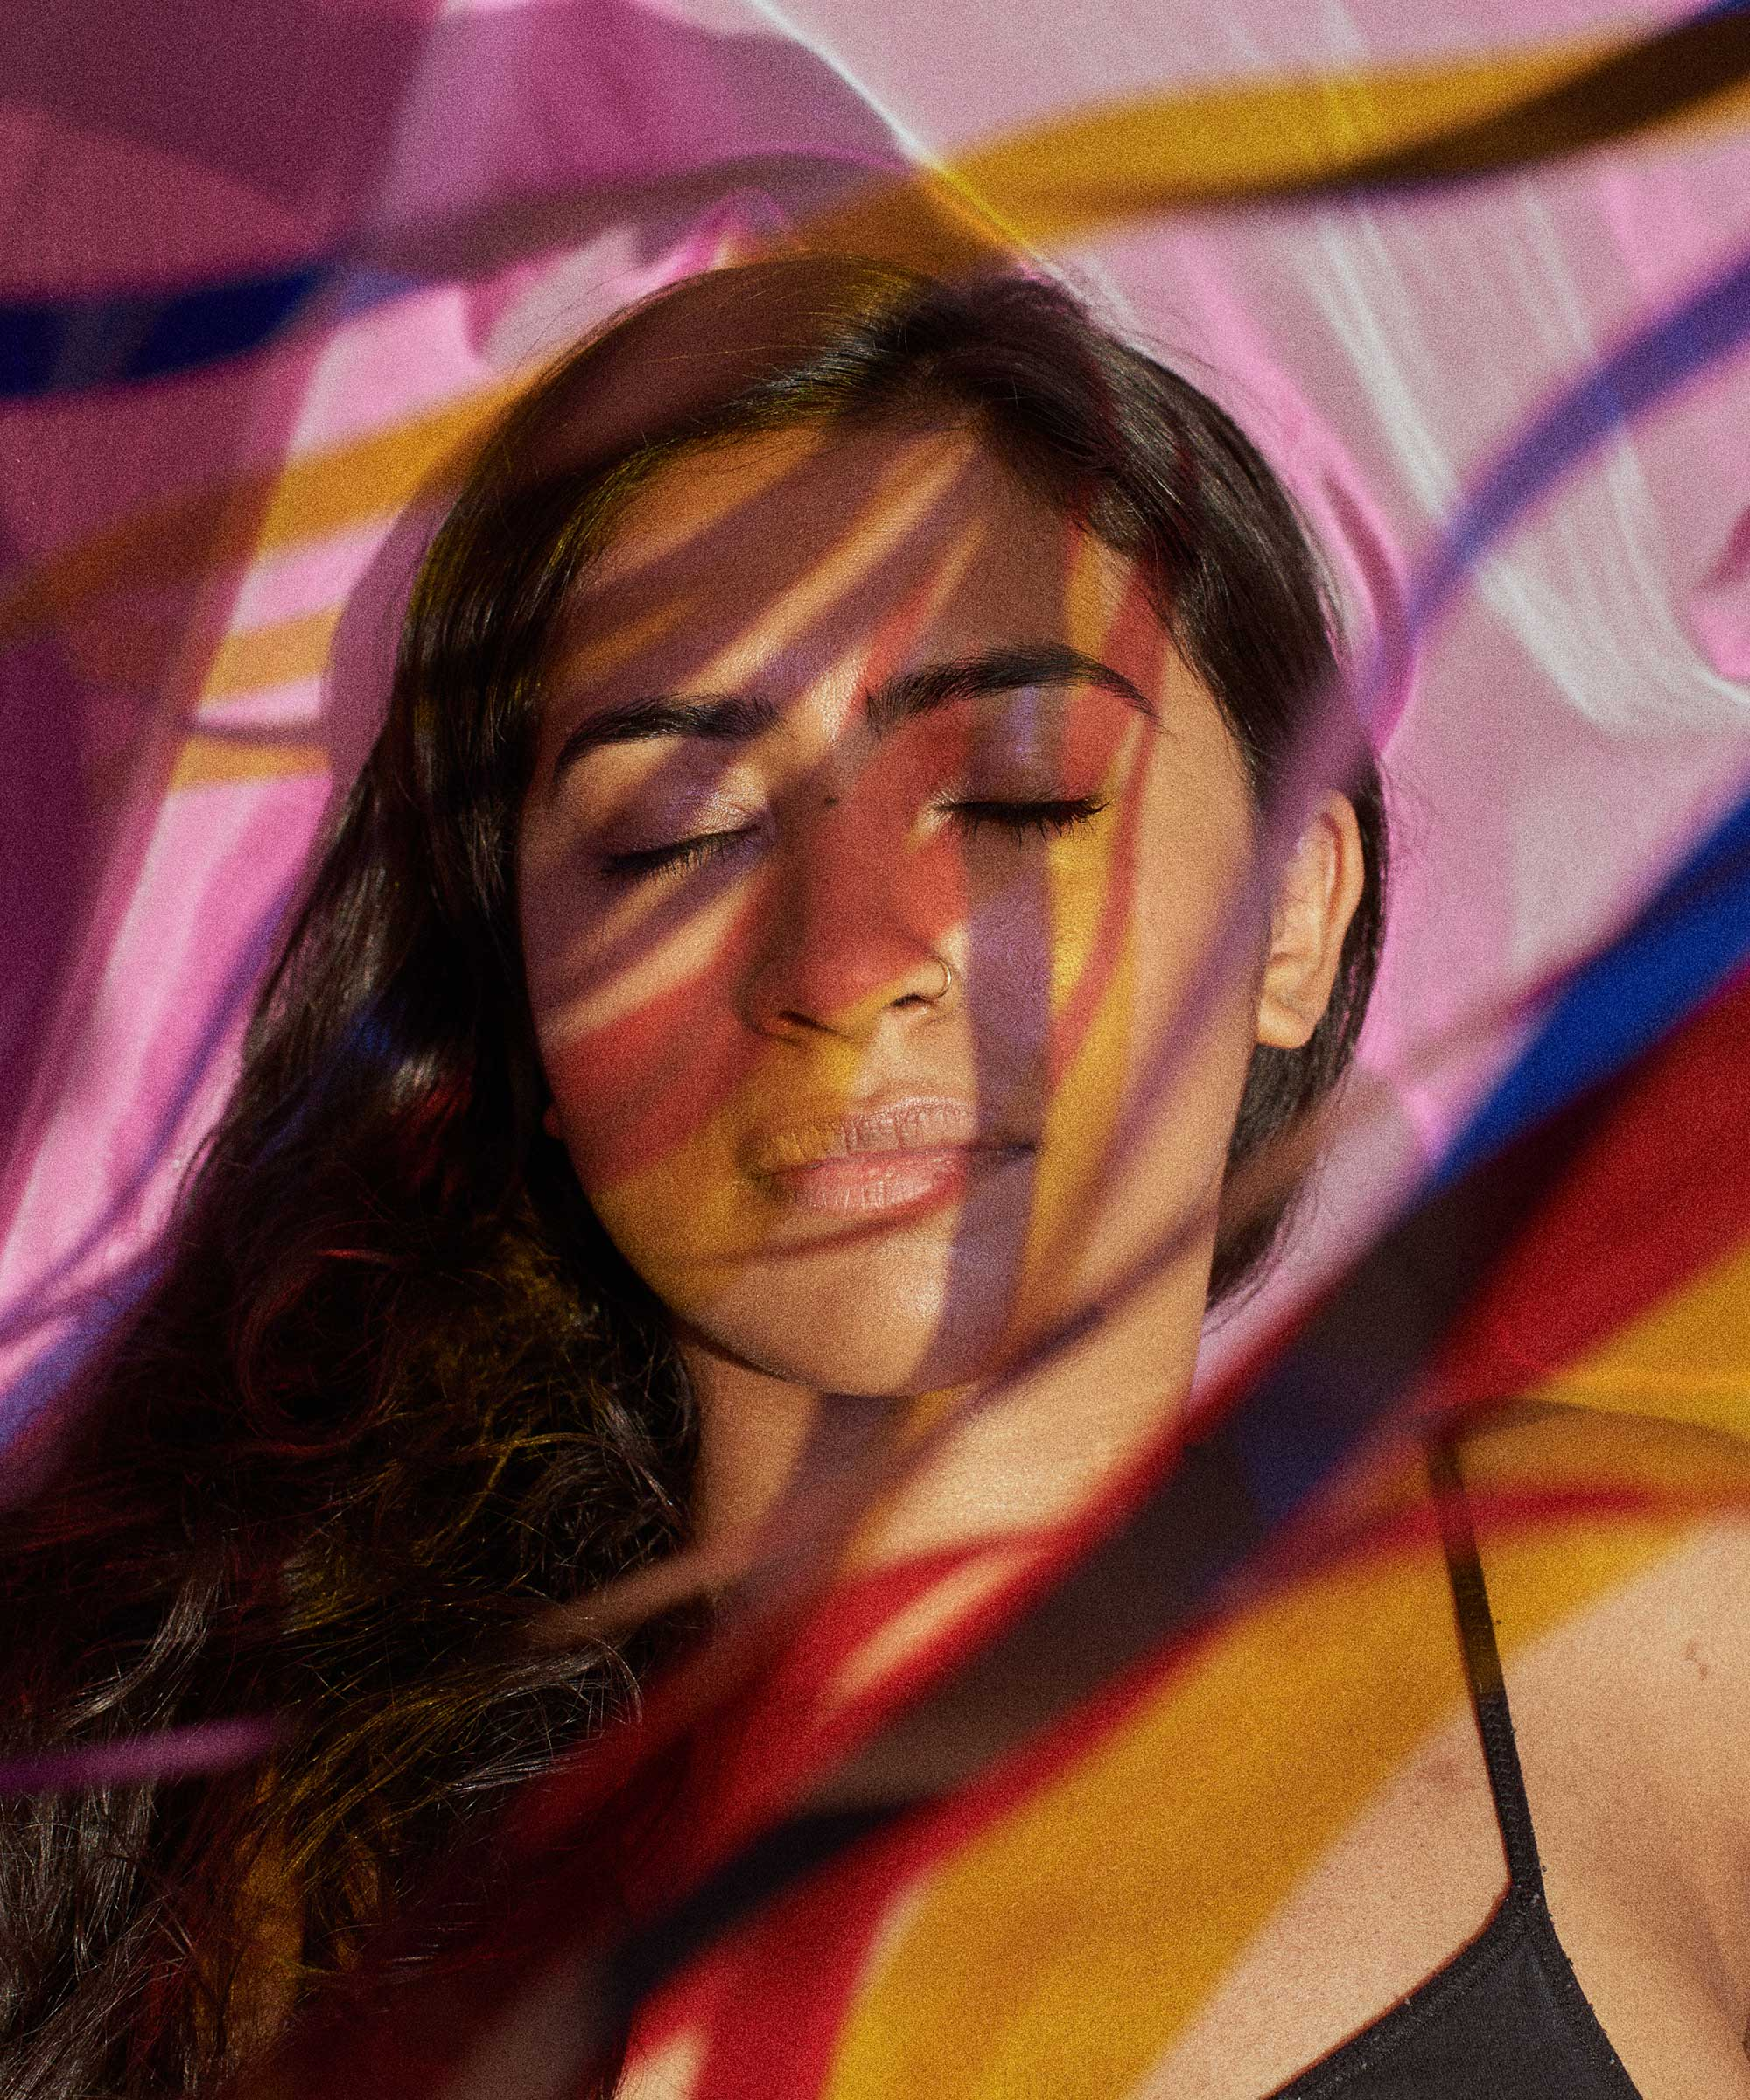 Schlafprobleme & geringes Selbstvertrauen? Dann probier's mit Hypnotherapie